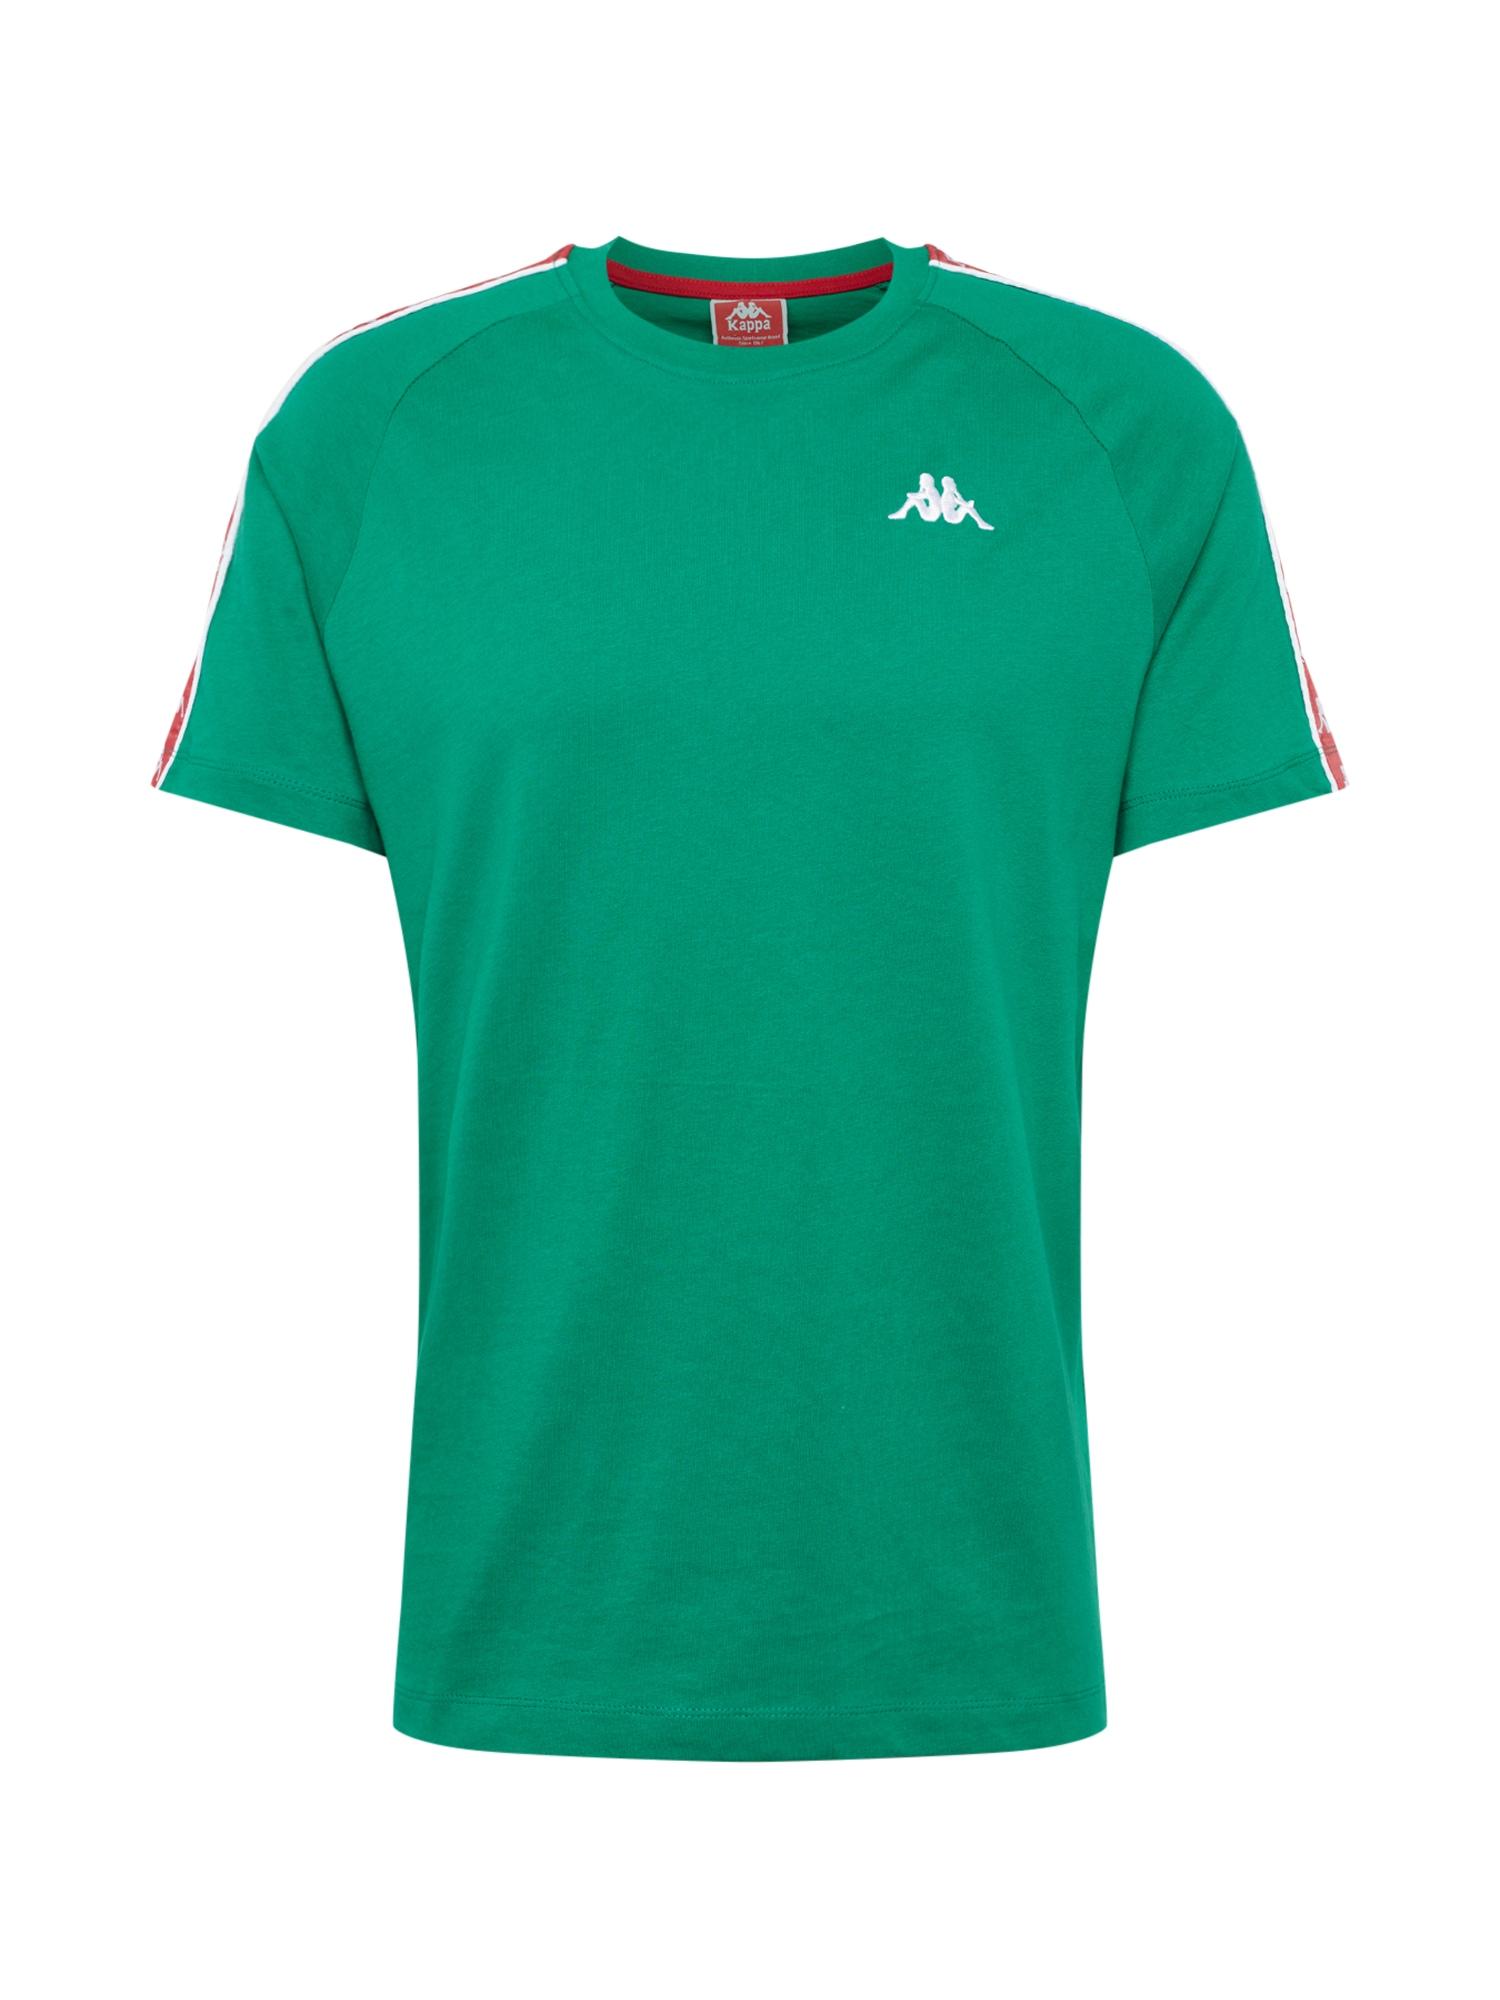 Tričko ERNESTO zelená červená bílá KAPPA